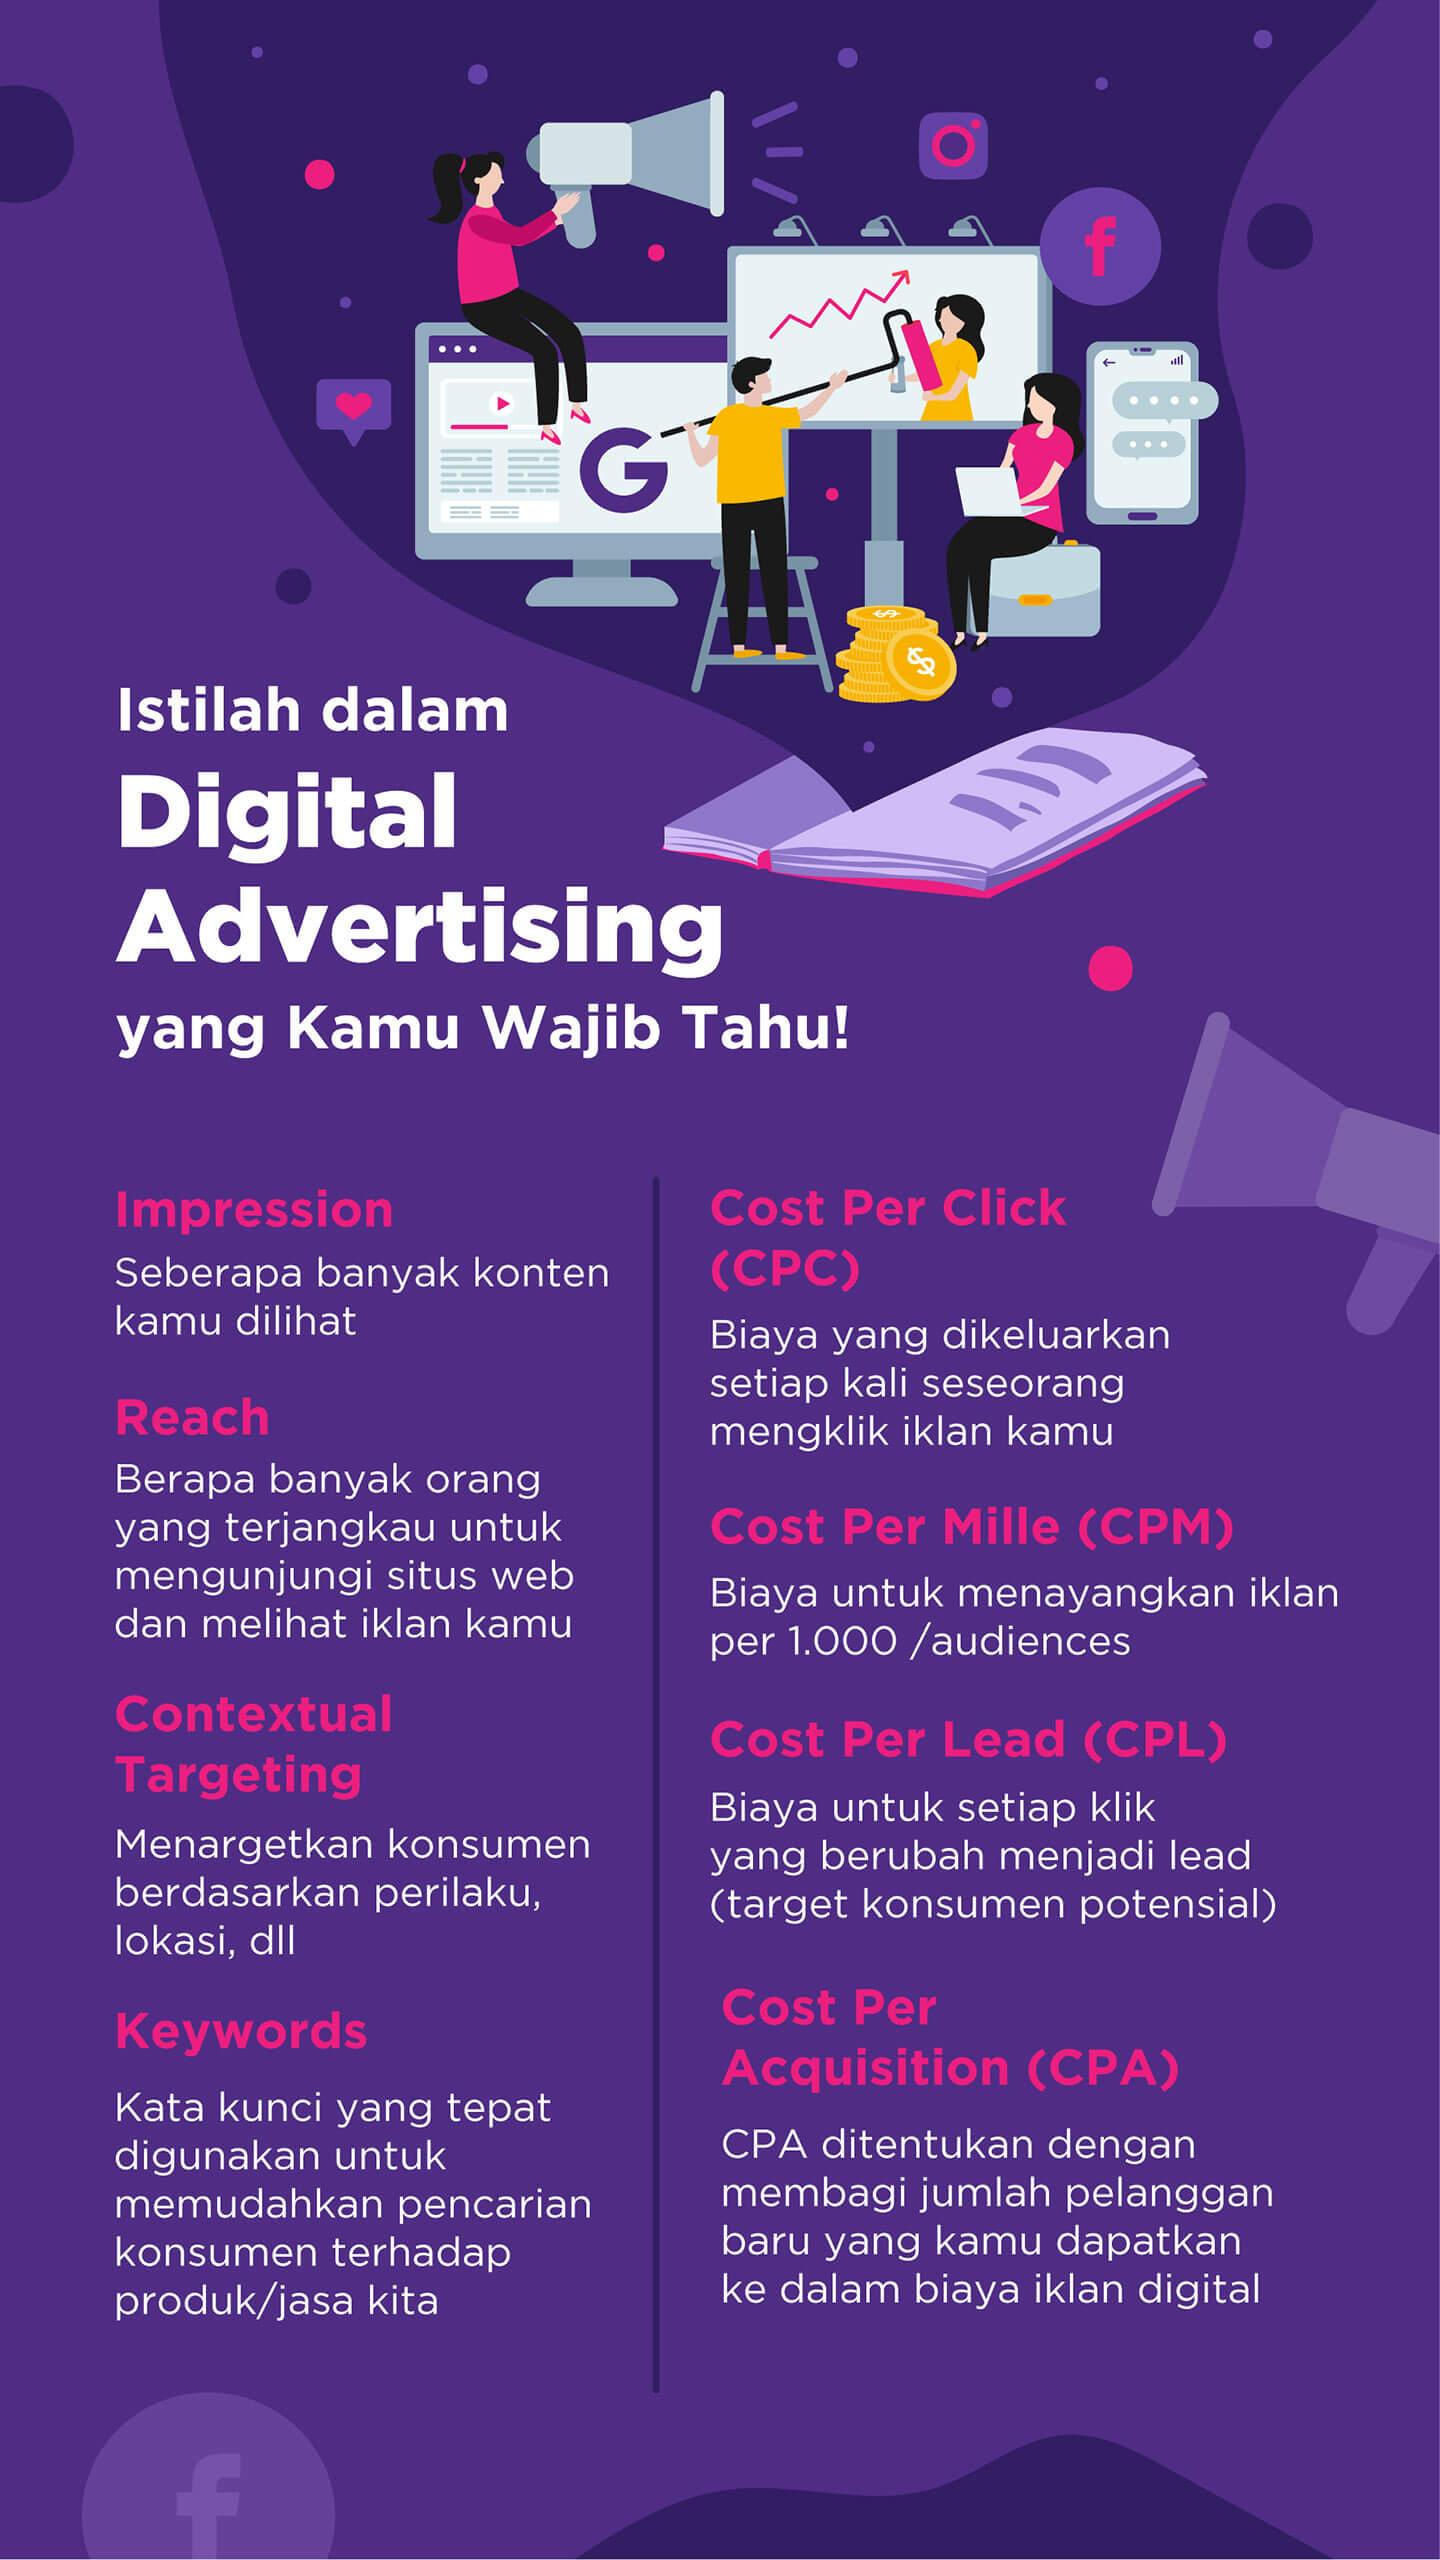 Kenalan dengan Istilah dalam Digital Advertising yang Kamu Wajib Tahu!